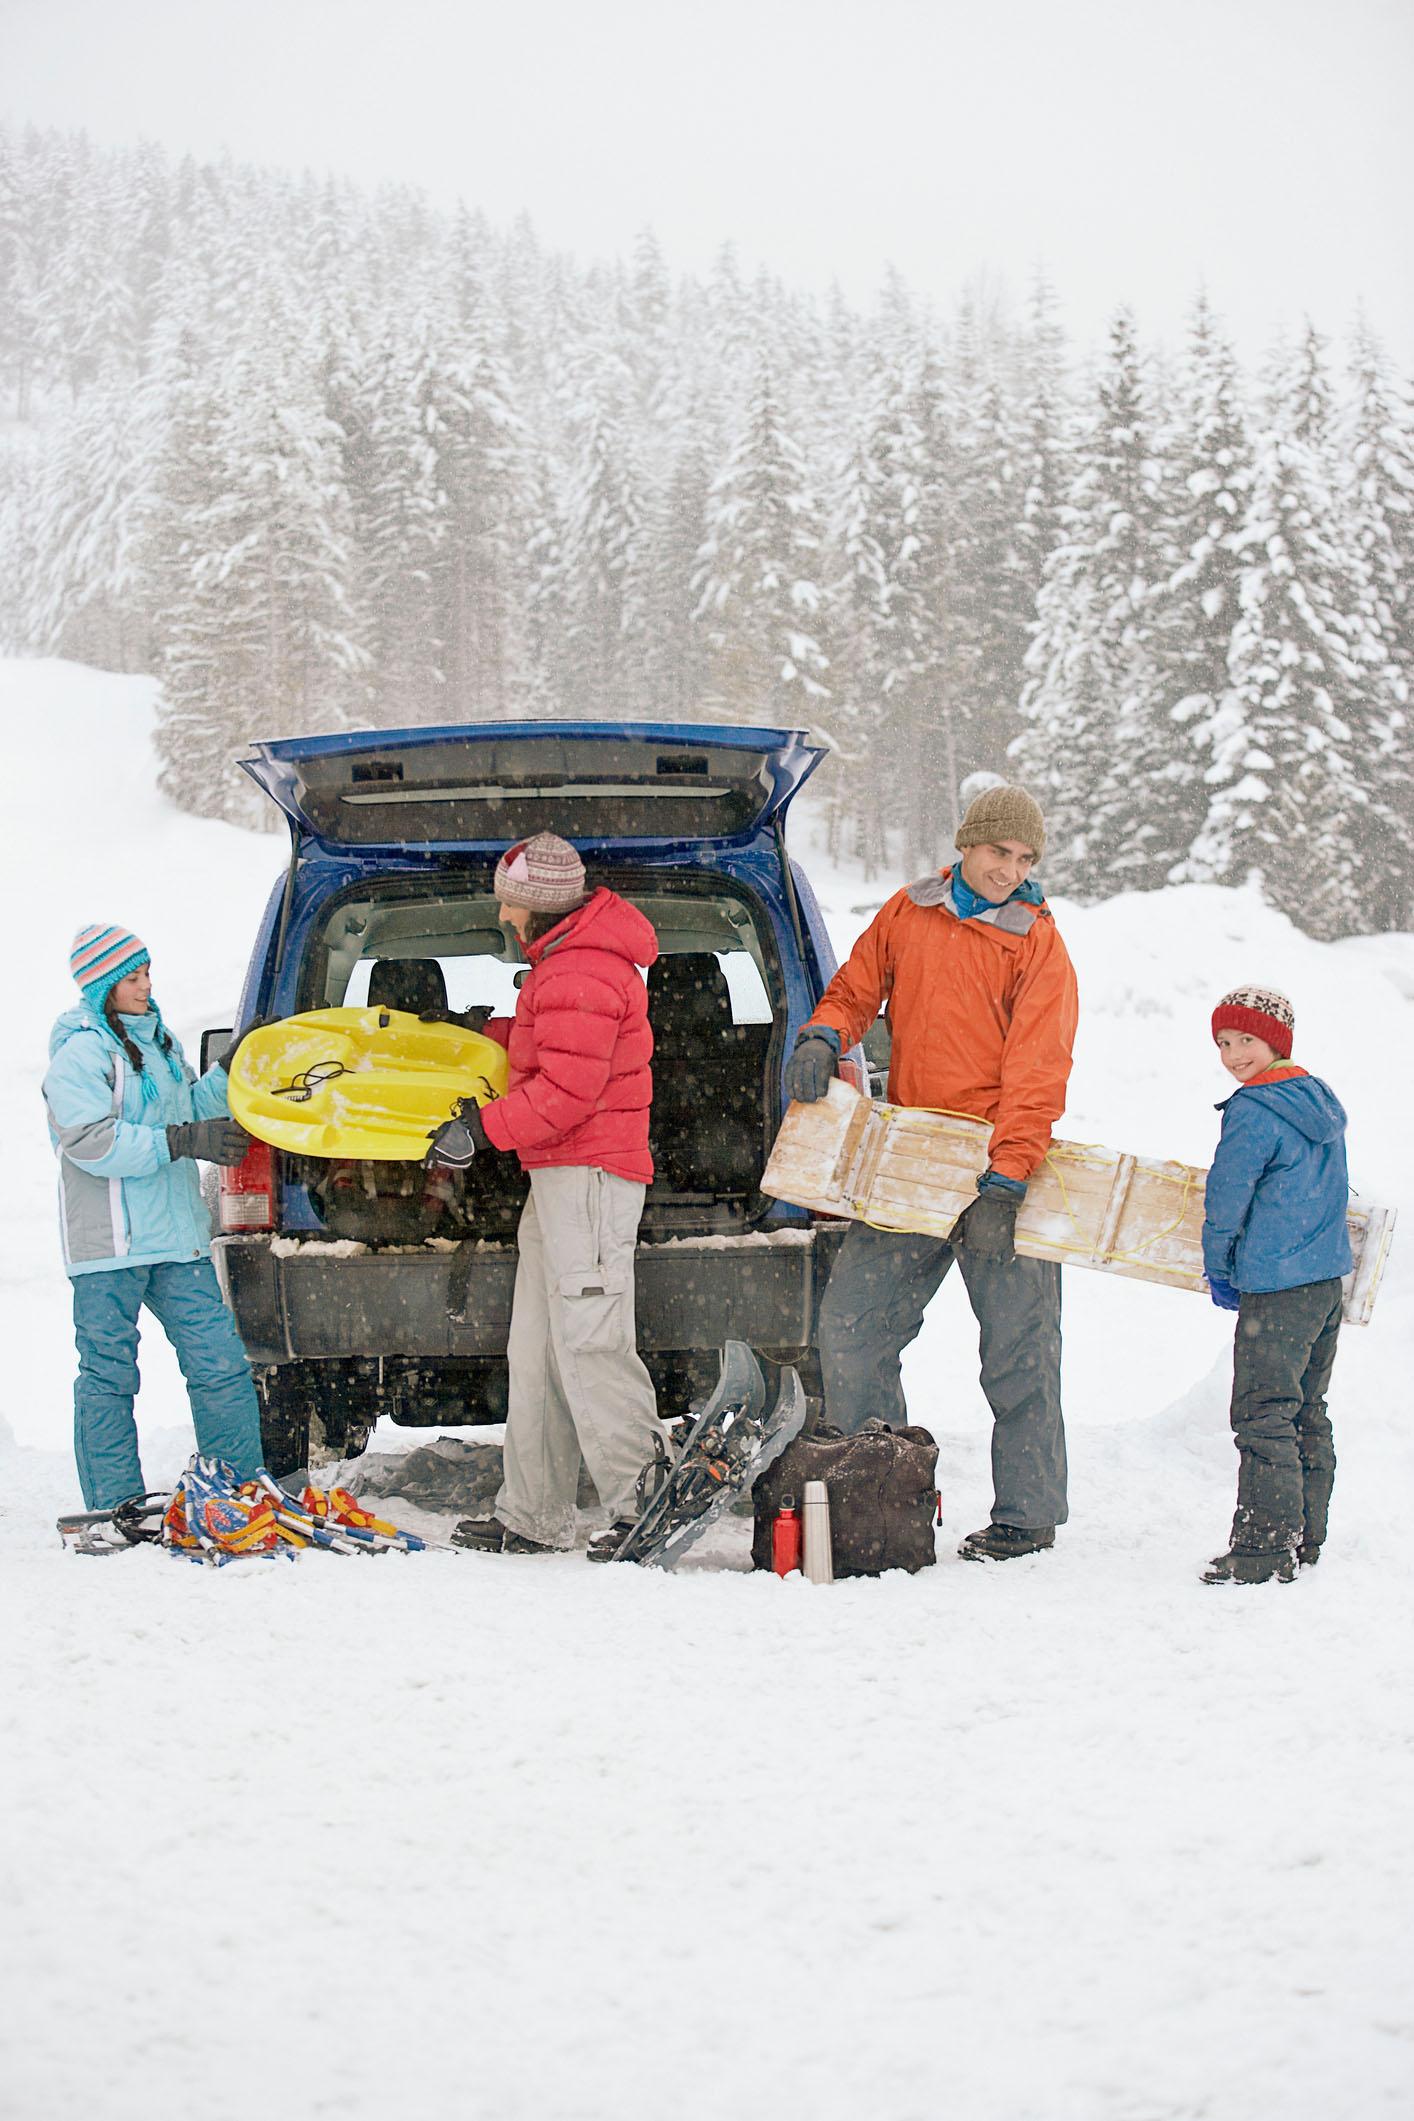 Wer zum Winterurlaub in die Alpen aufbricht, sollte seine Winterreifen vorher checken: In Alpenländern wie Österreich sind mindestens vier Millimeter Restprofil vorgeschrieben - Winter-Check für die Reifen